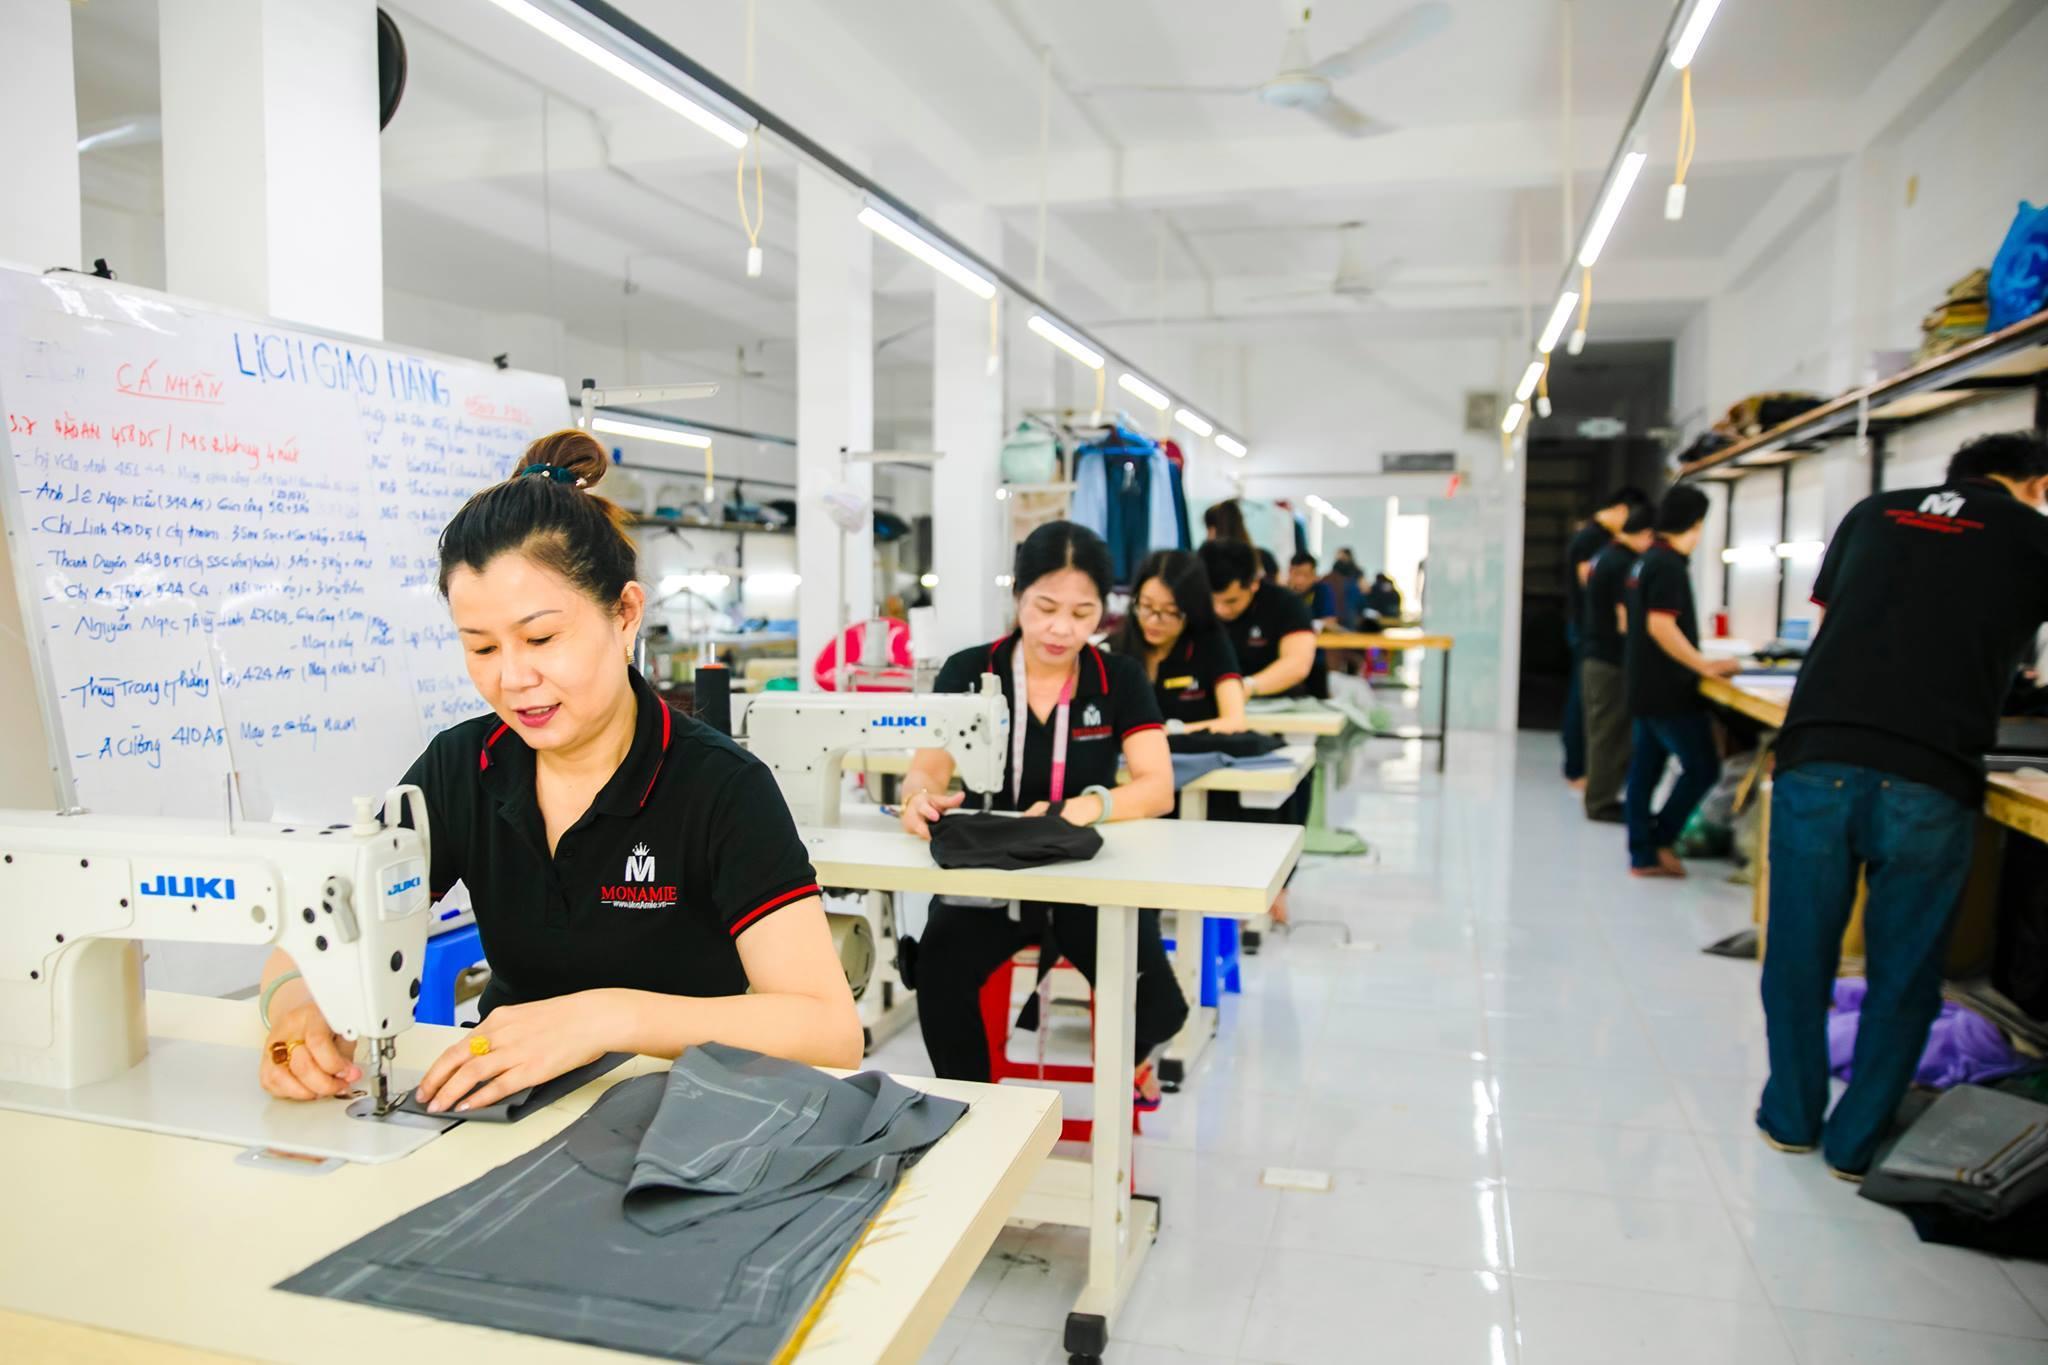 May váy nữ công sở ở đâu thì đẹp